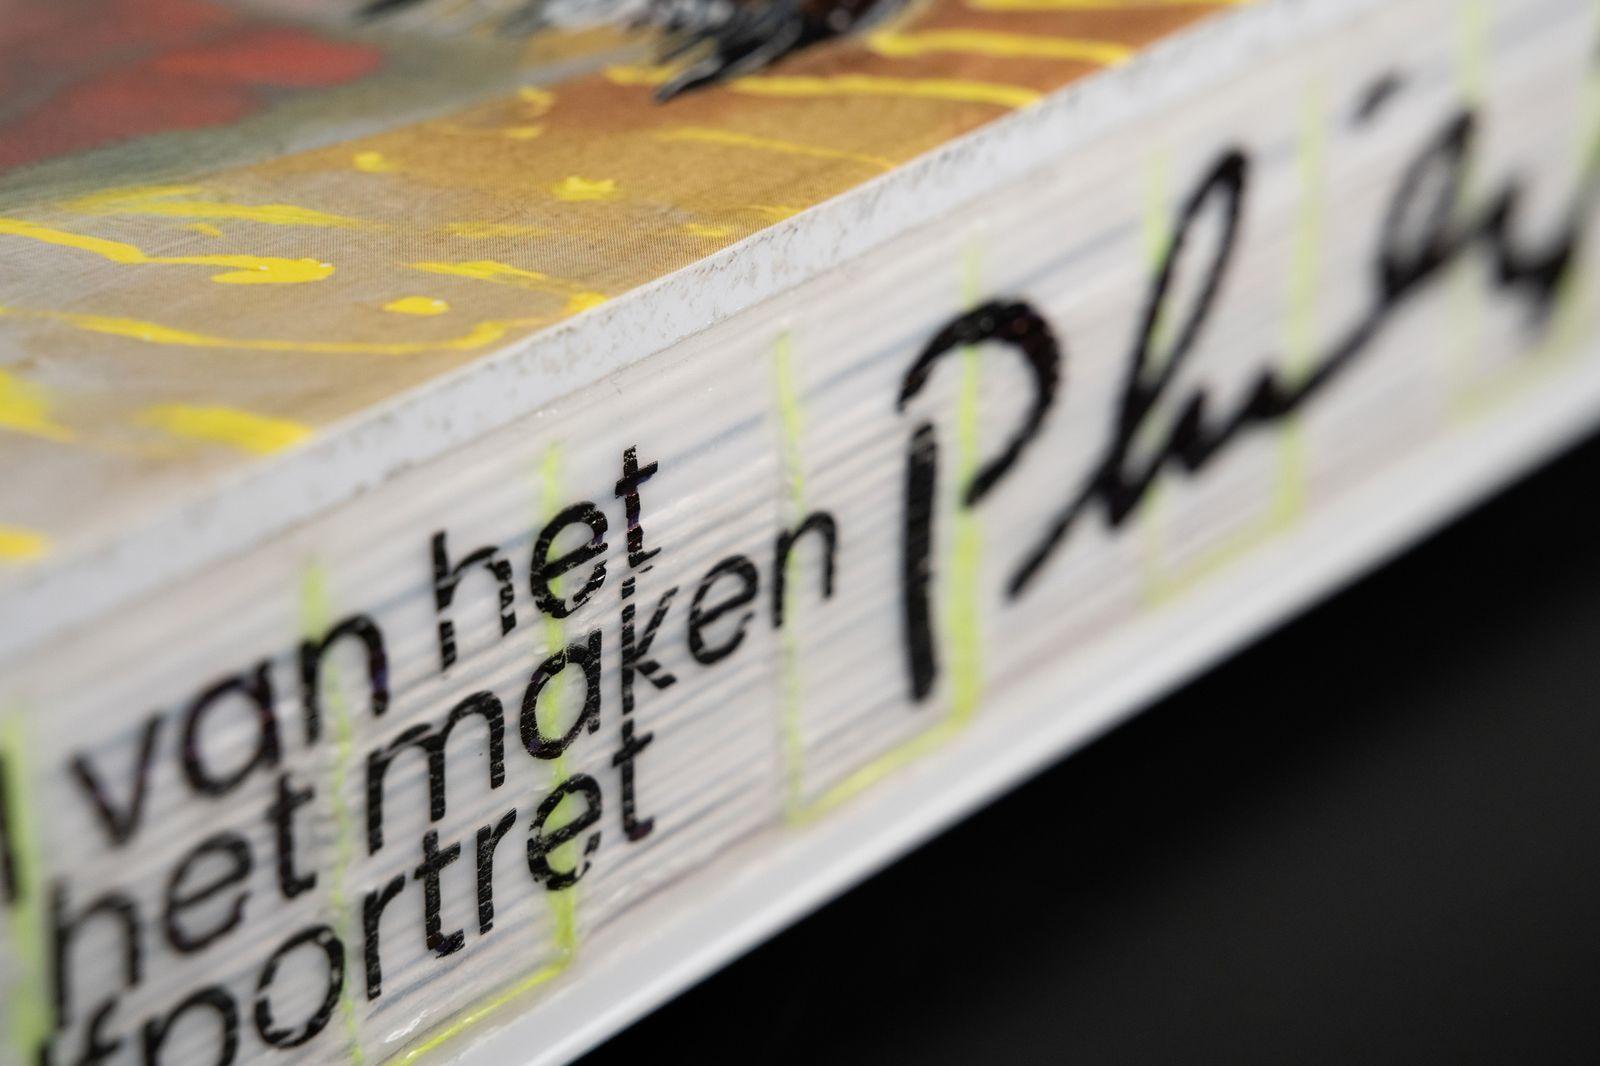 Het doel van het bestaan is het maken van een zelfportret, Philip Akkerman - Detail 2.jpg